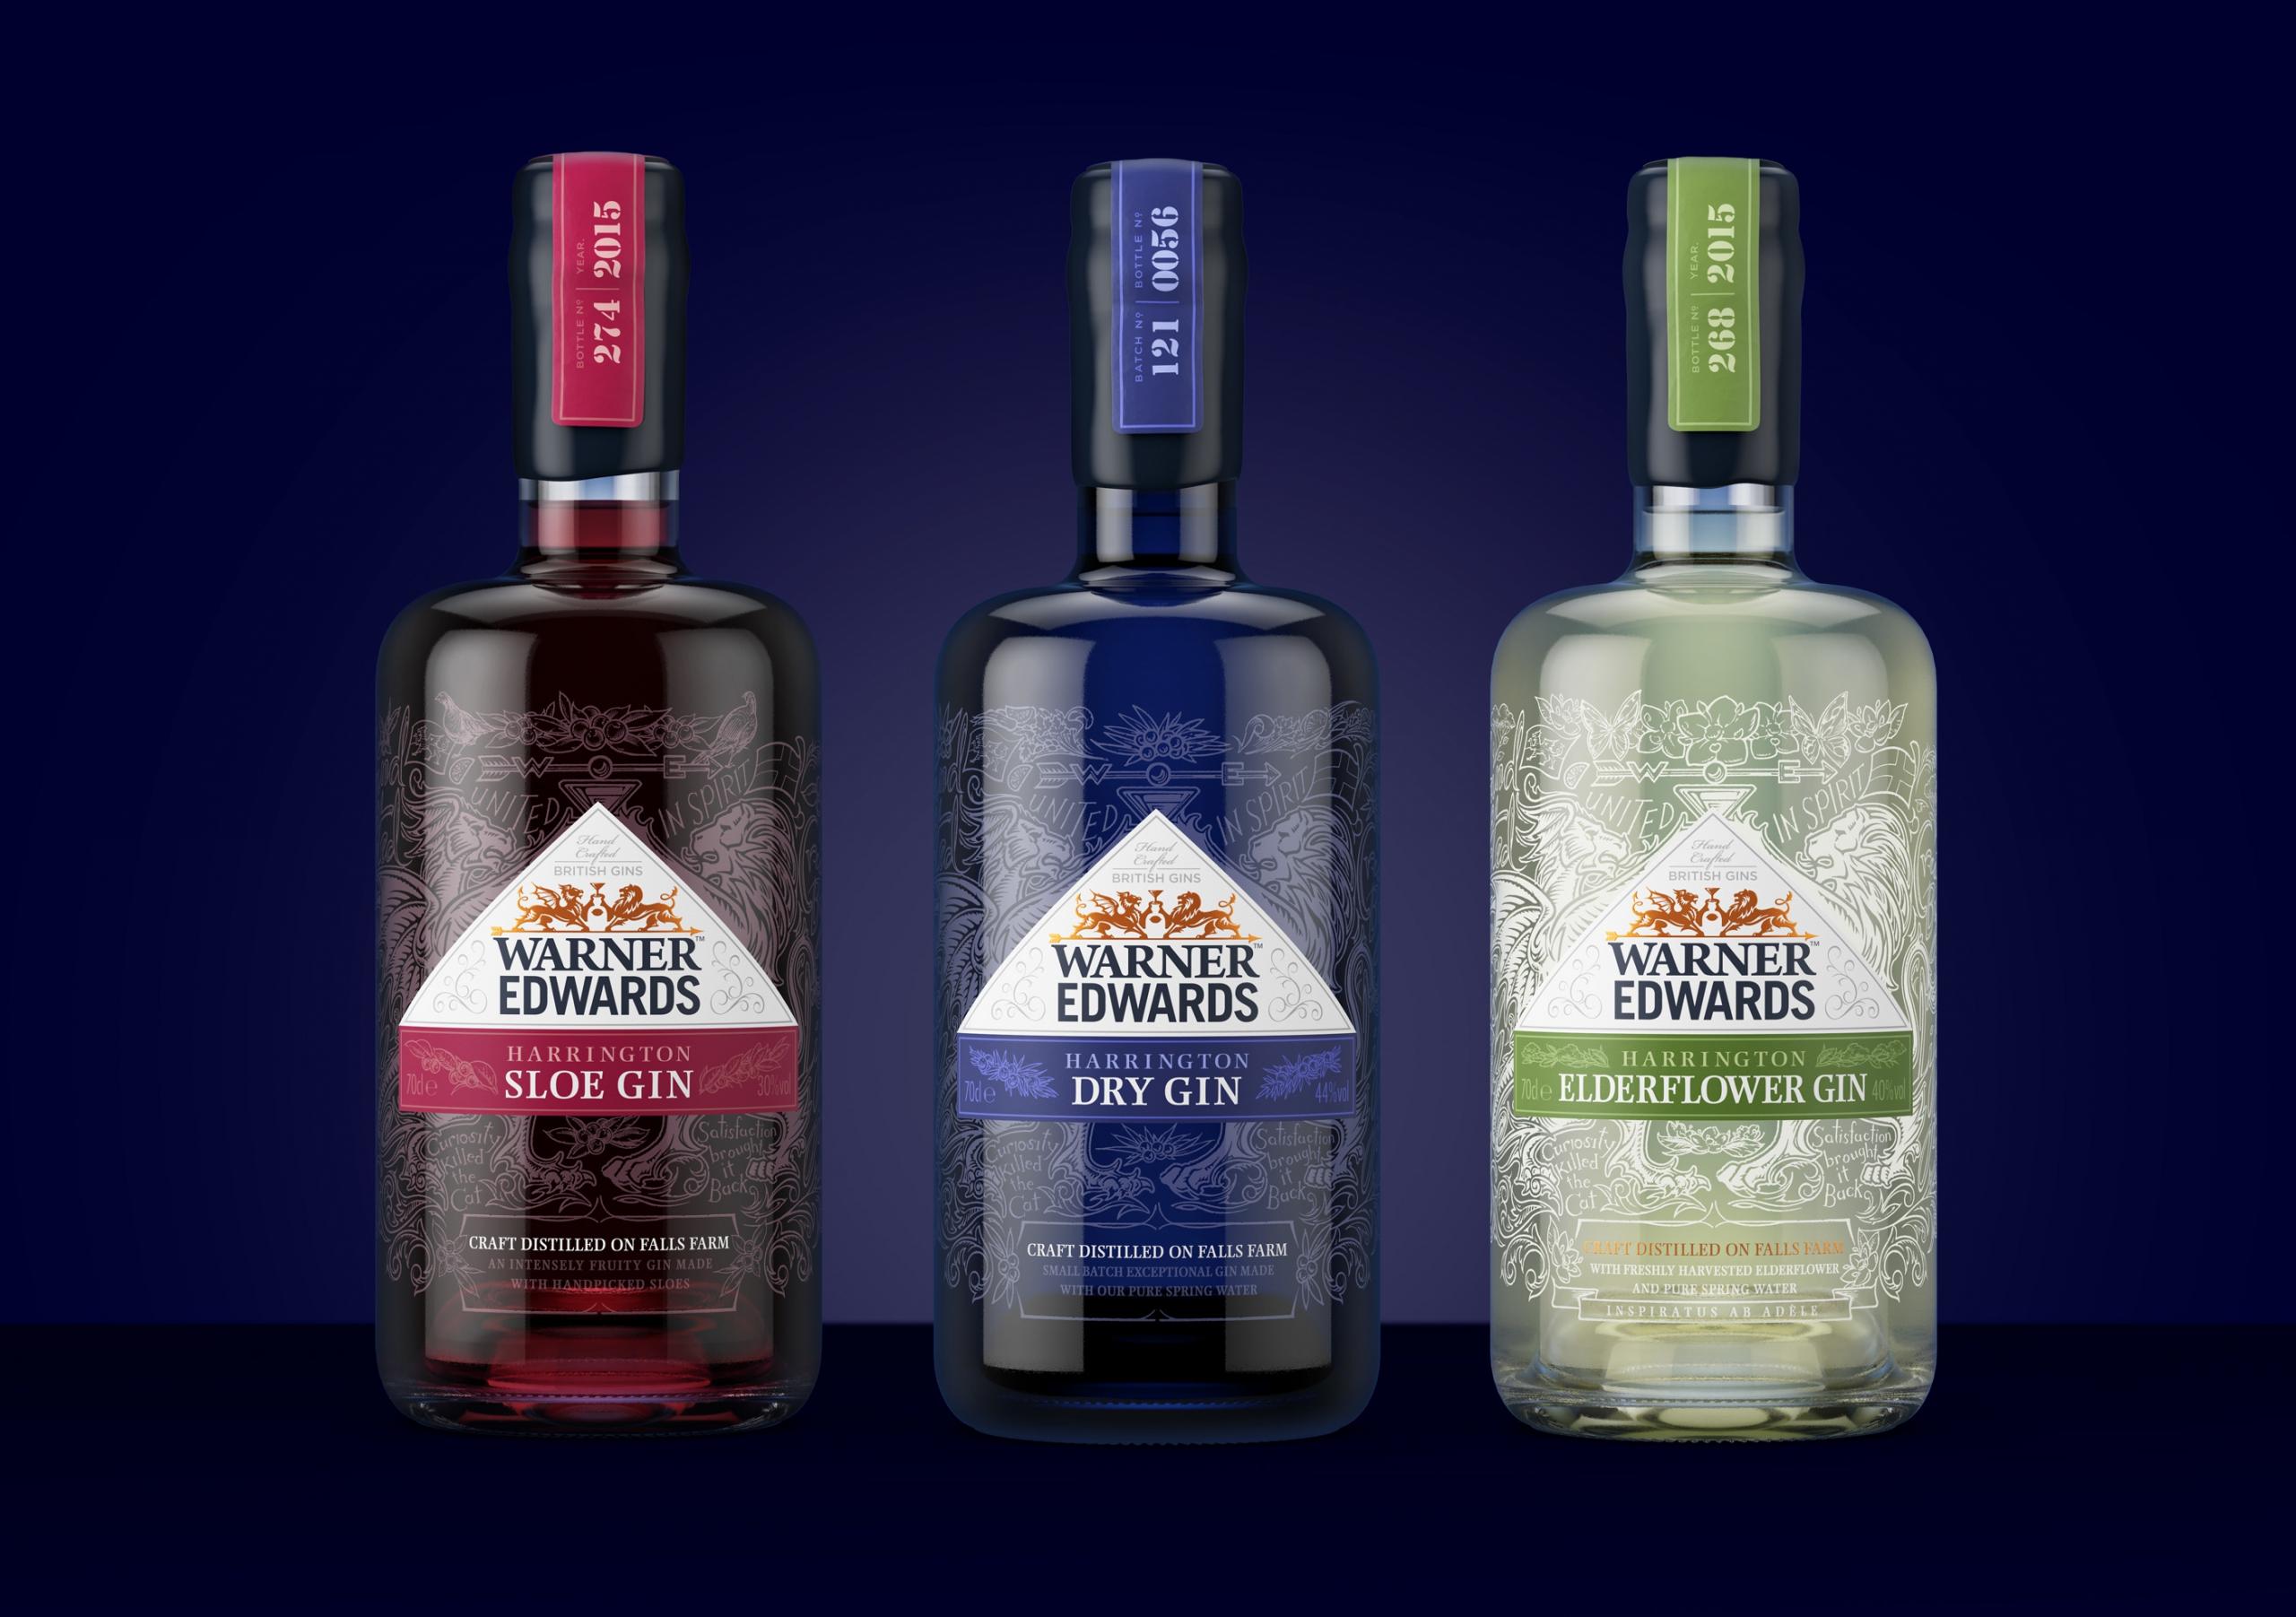 Award winning alcohol bottle design by Biles Hendry